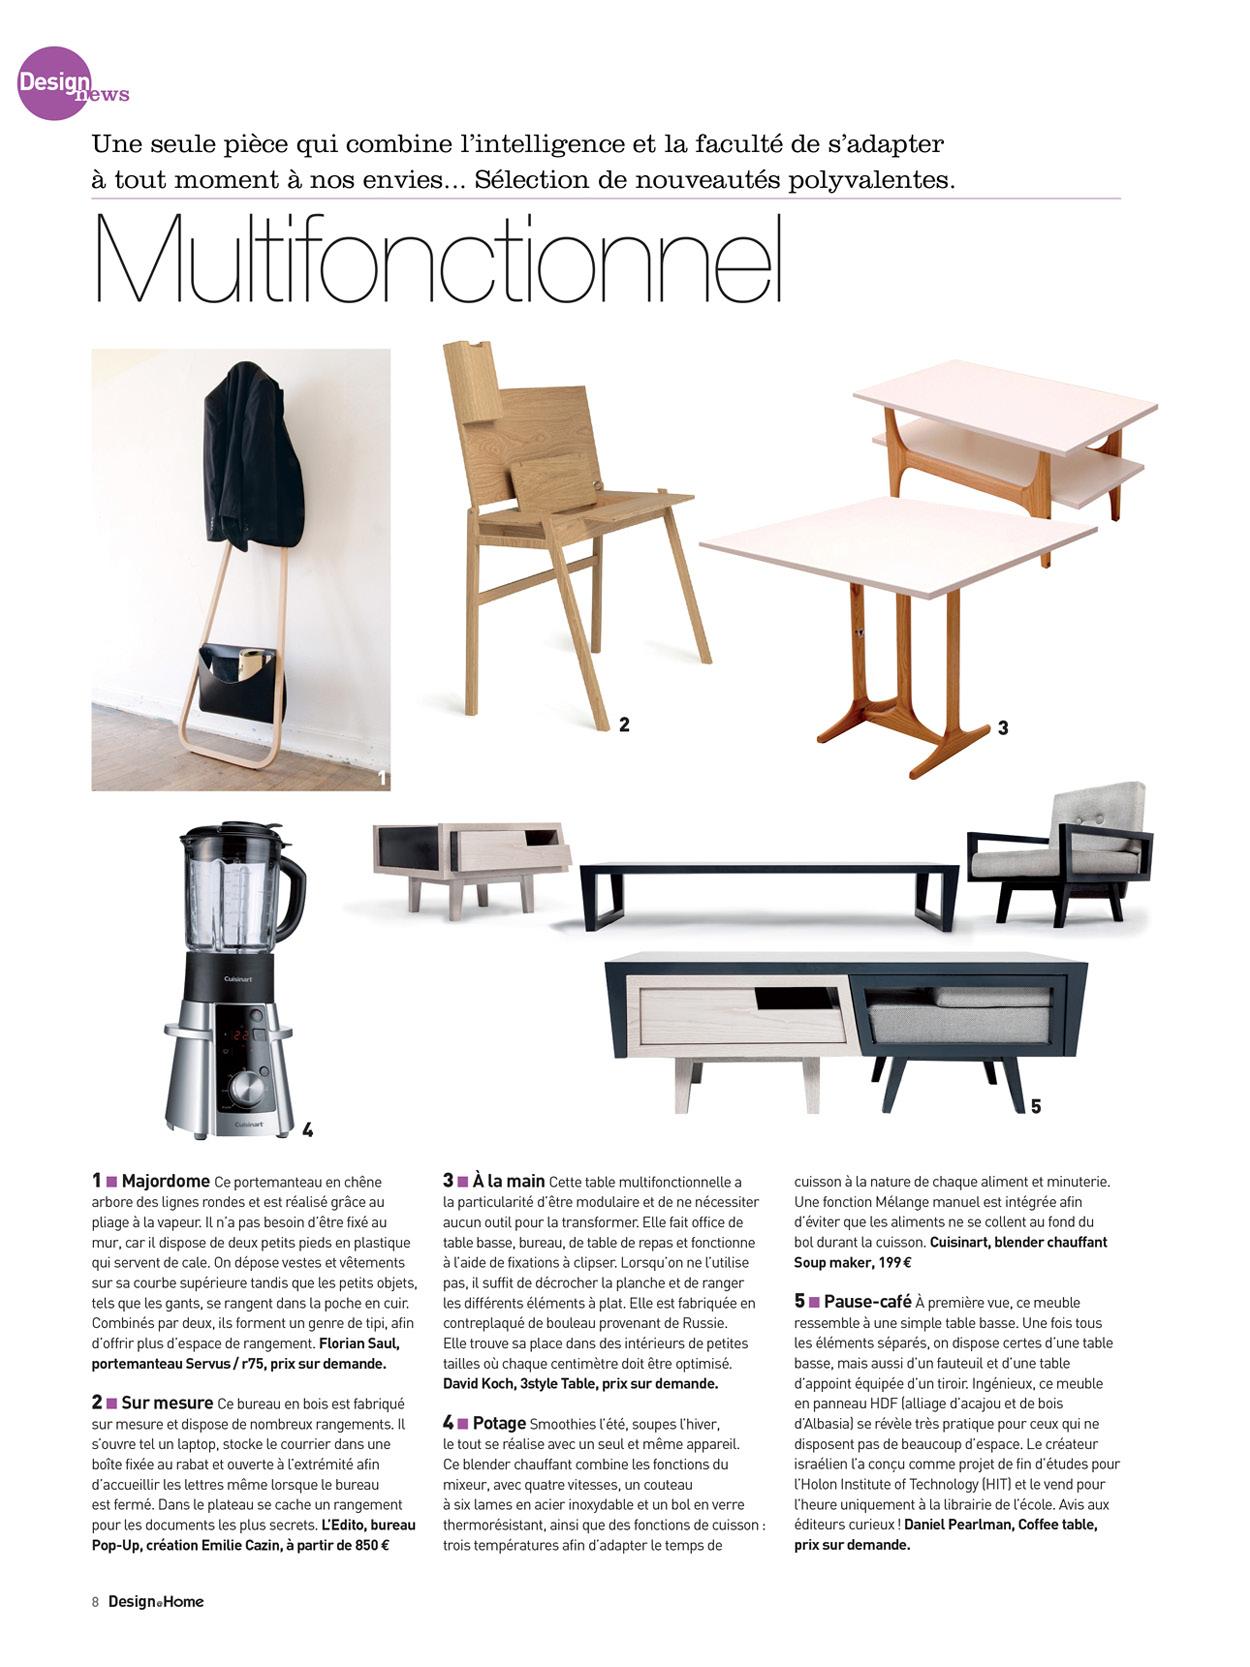 עיצוב רהיטים - דניאל פרלמן